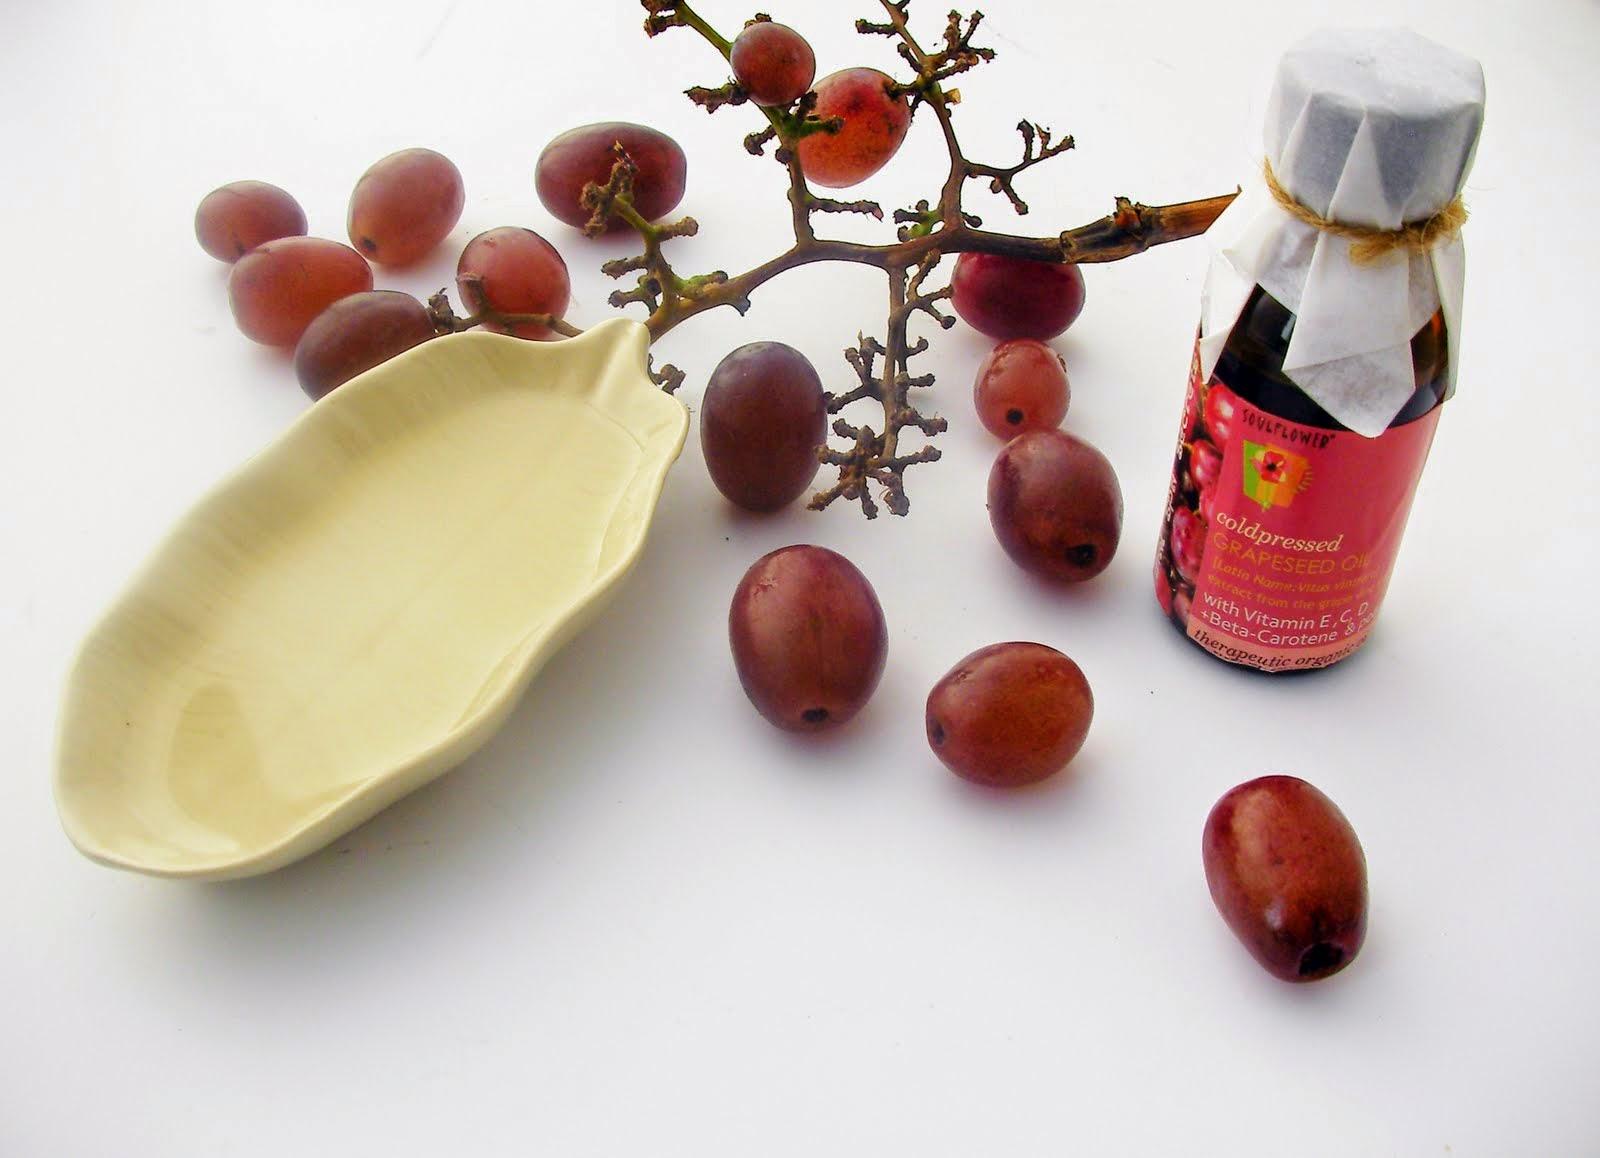 üzüm çekirdeği yağı faydaları, cilt bakımı, közmetik ürünler, doğal kozmetik ürünler, doğal yağlar, faydalı yağlar